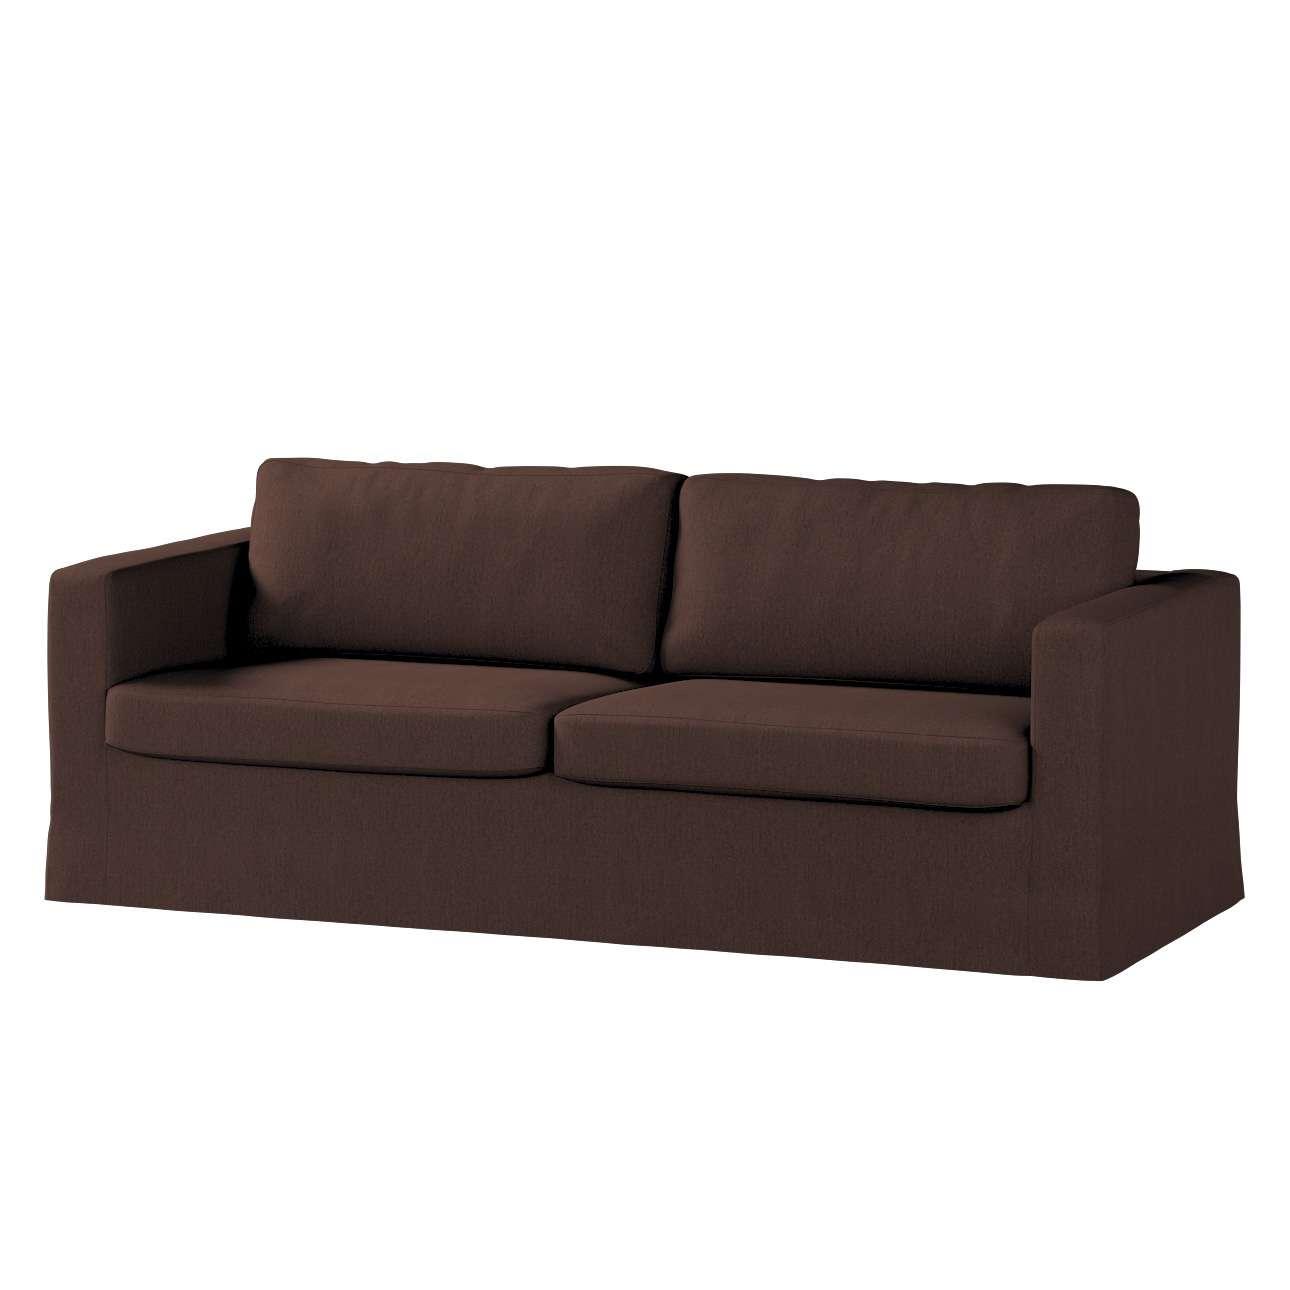 Pokrowiec na sofę Karlstad 3-osobową nierozkładaną, długi Sofa Karlstad 3-osobowa w kolekcji Chenille, tkanina: 702-18